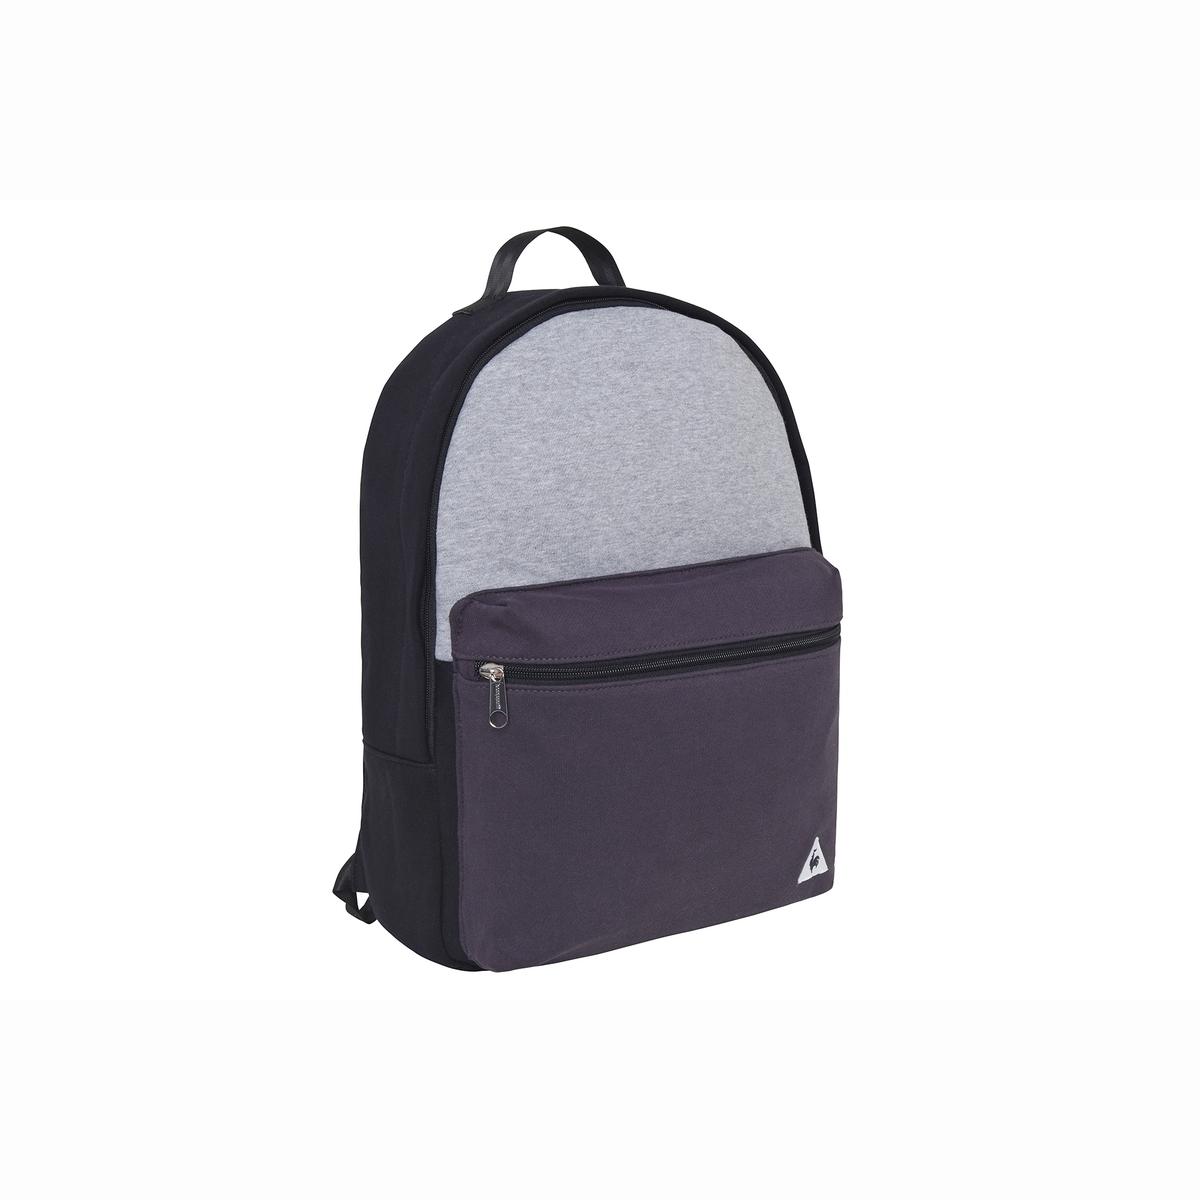 Рюкзак POP SPORTIF BACKPACKПреимущества : Рюкзак на пике последних модных тенденций и образов. Легкий и одновременно очень функциональный благодаря большому карману на молнии спереди.<br><br>Цвет: серый